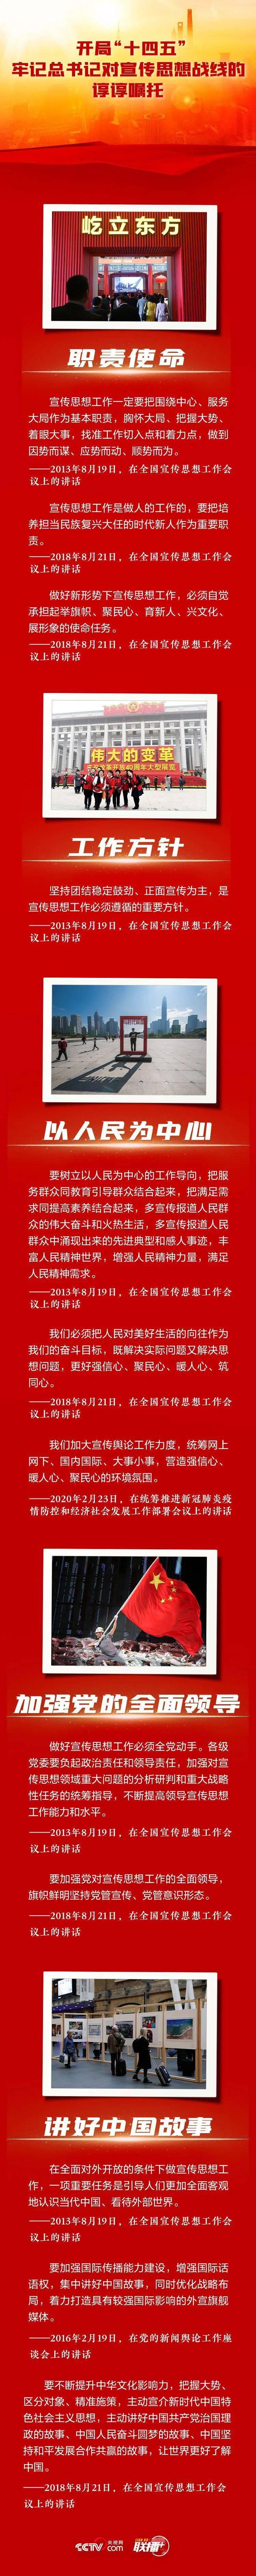 """联播+丨开局""""十四五"""" 牢记总书记对宣传思想战线的谆谆嘱托"""